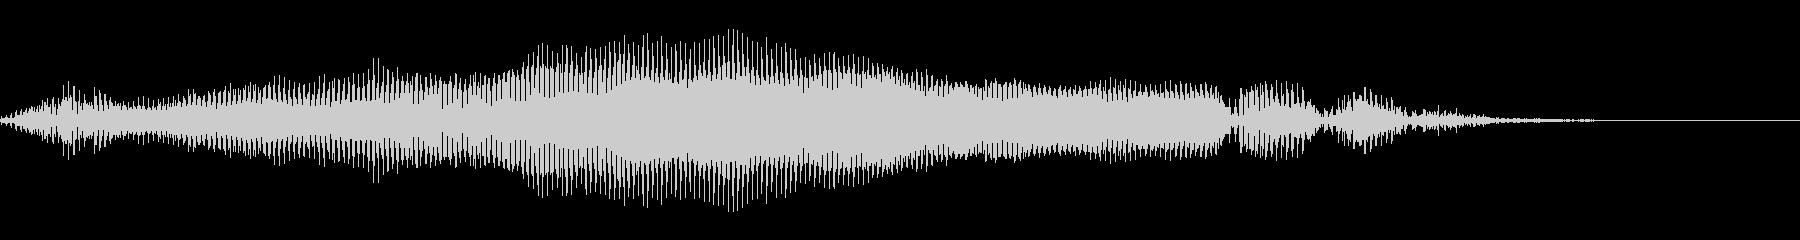 ニャーン 猫の鳴き声(少し低め)の未再生の波形